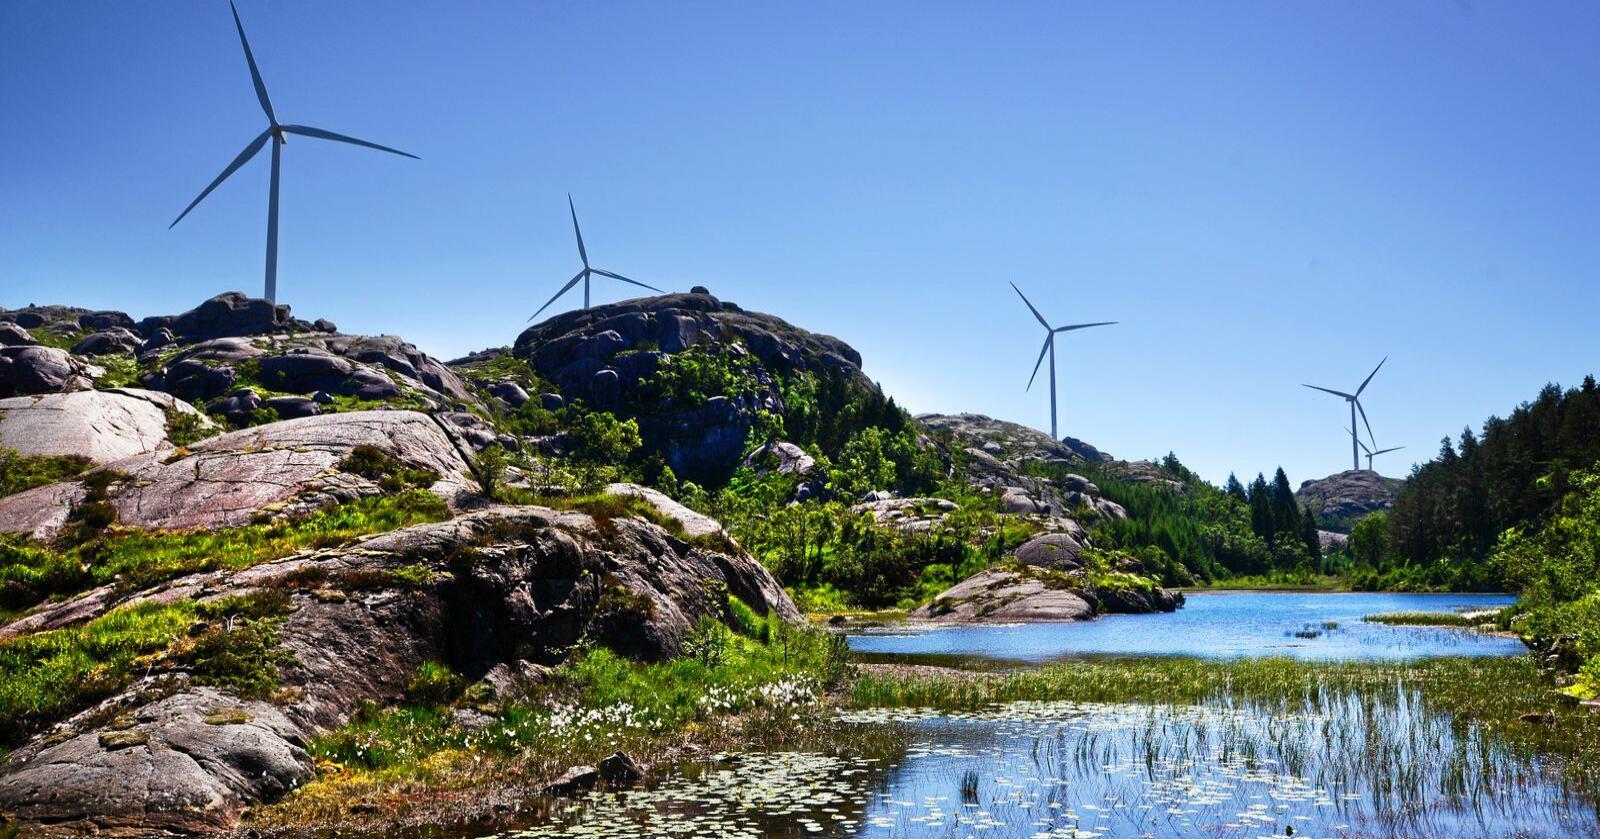 Vi må sikre at også andre energiformer enn vann beskattes på en måte som gjør det lønnsomt å drive, samtidig som vertskommunene tjener penger på å dele naturen sin med kraftprodusenter, skriver Lene Westgaard-Halle. Foto: Siri Juell Rasmussen